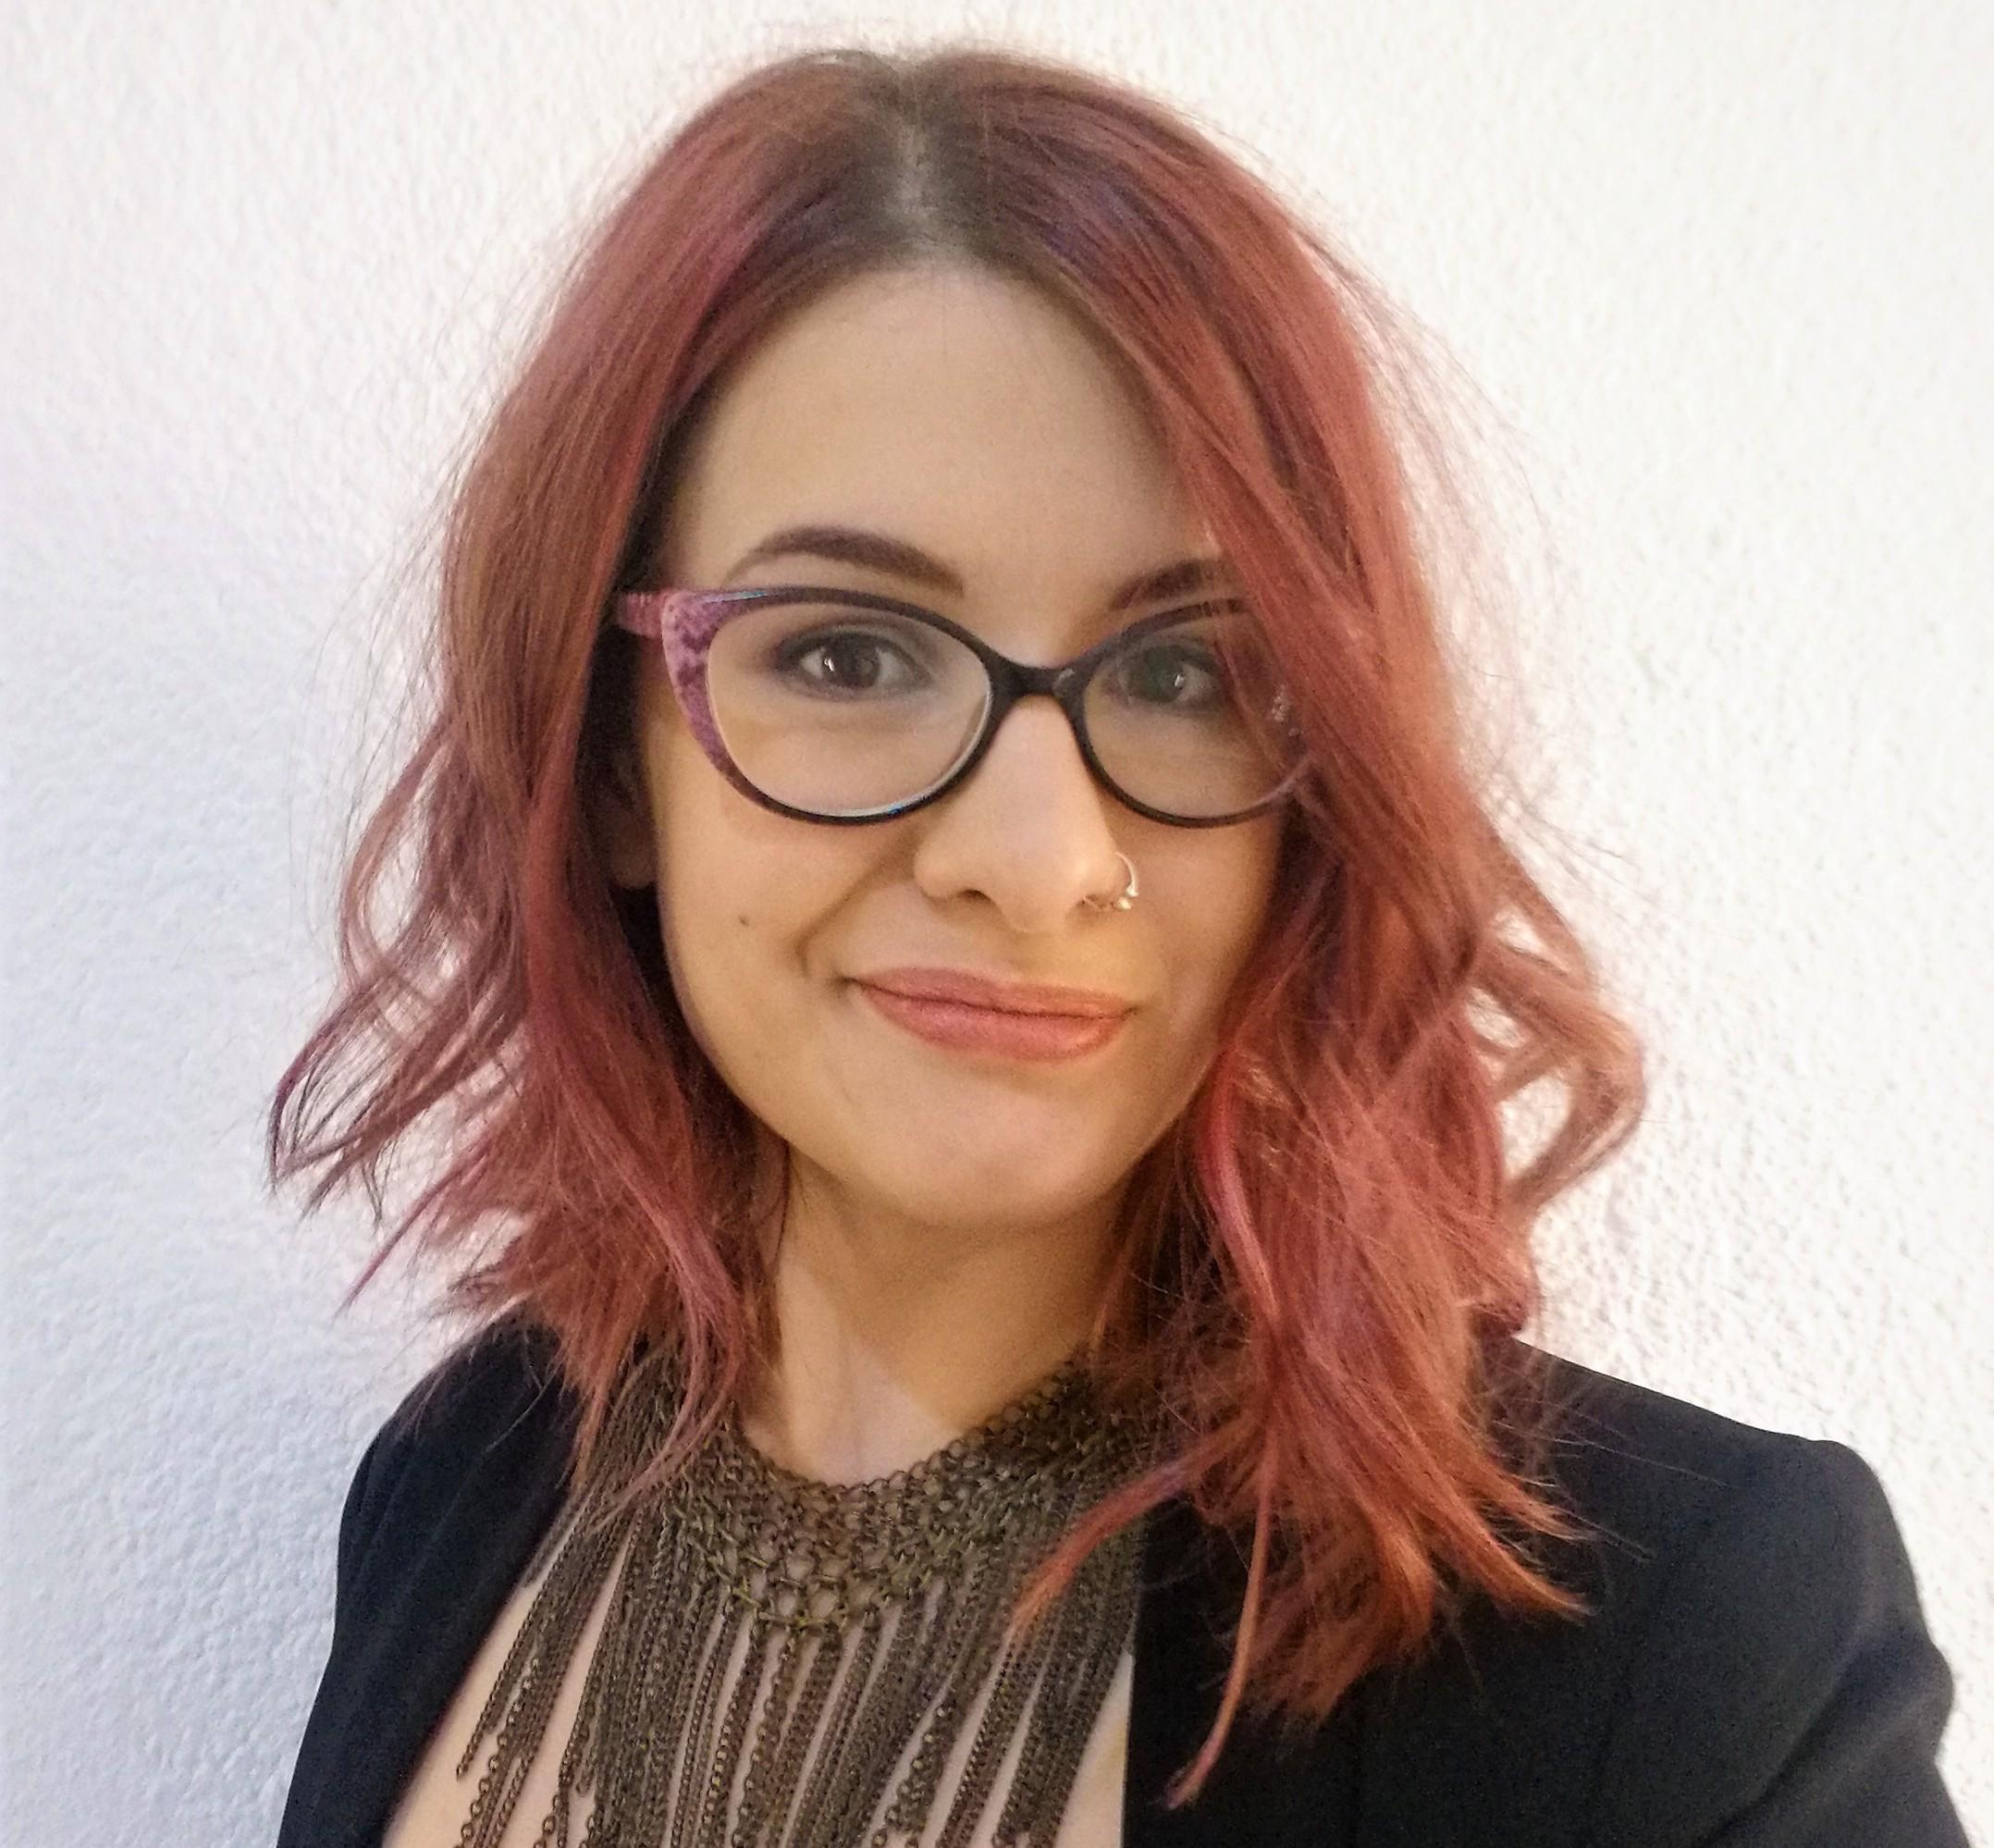 Mia Alviz